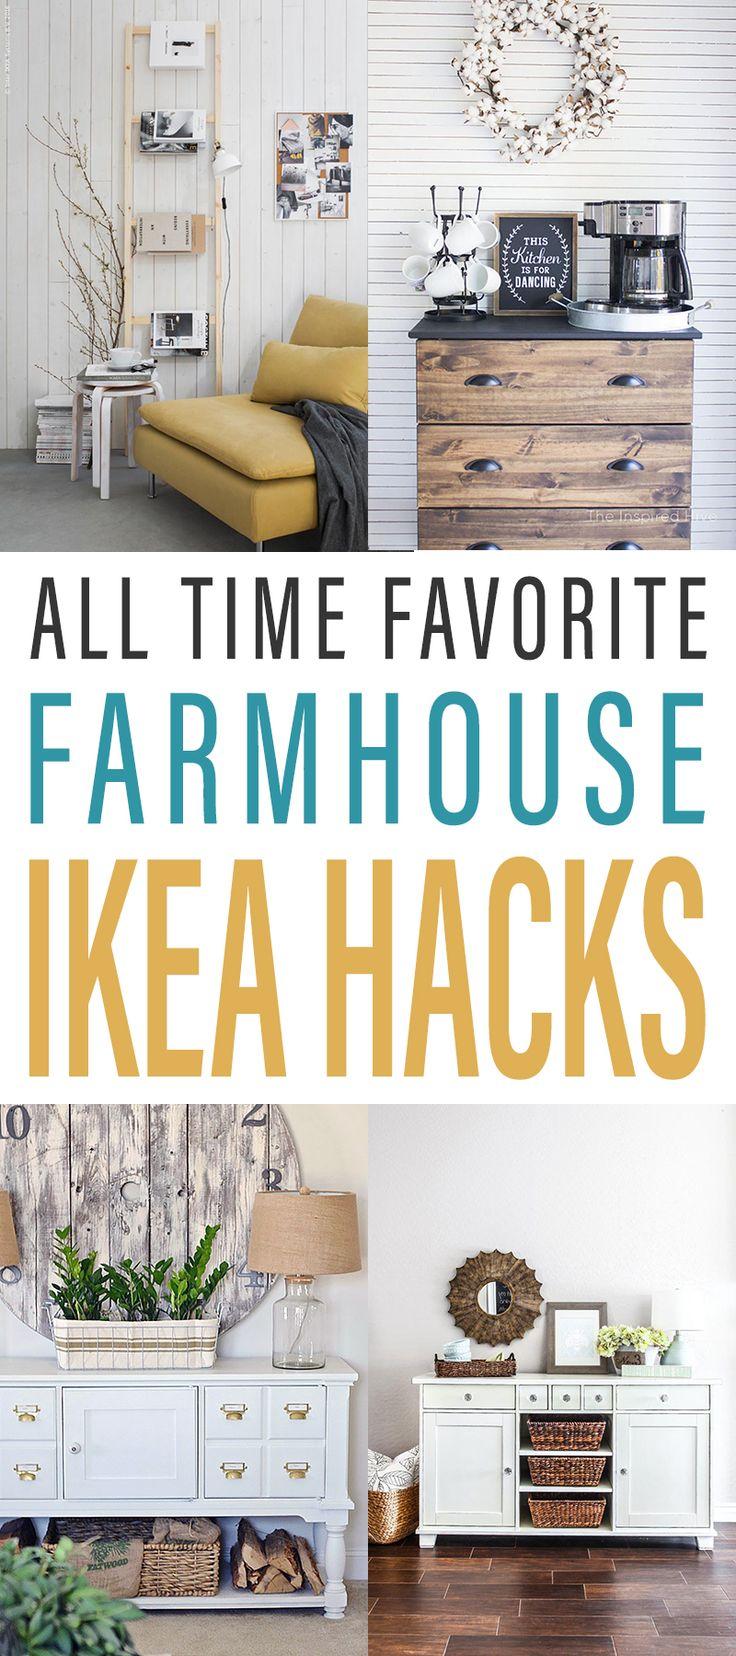 All Time Favorite Farmhouse IKEA Hacks